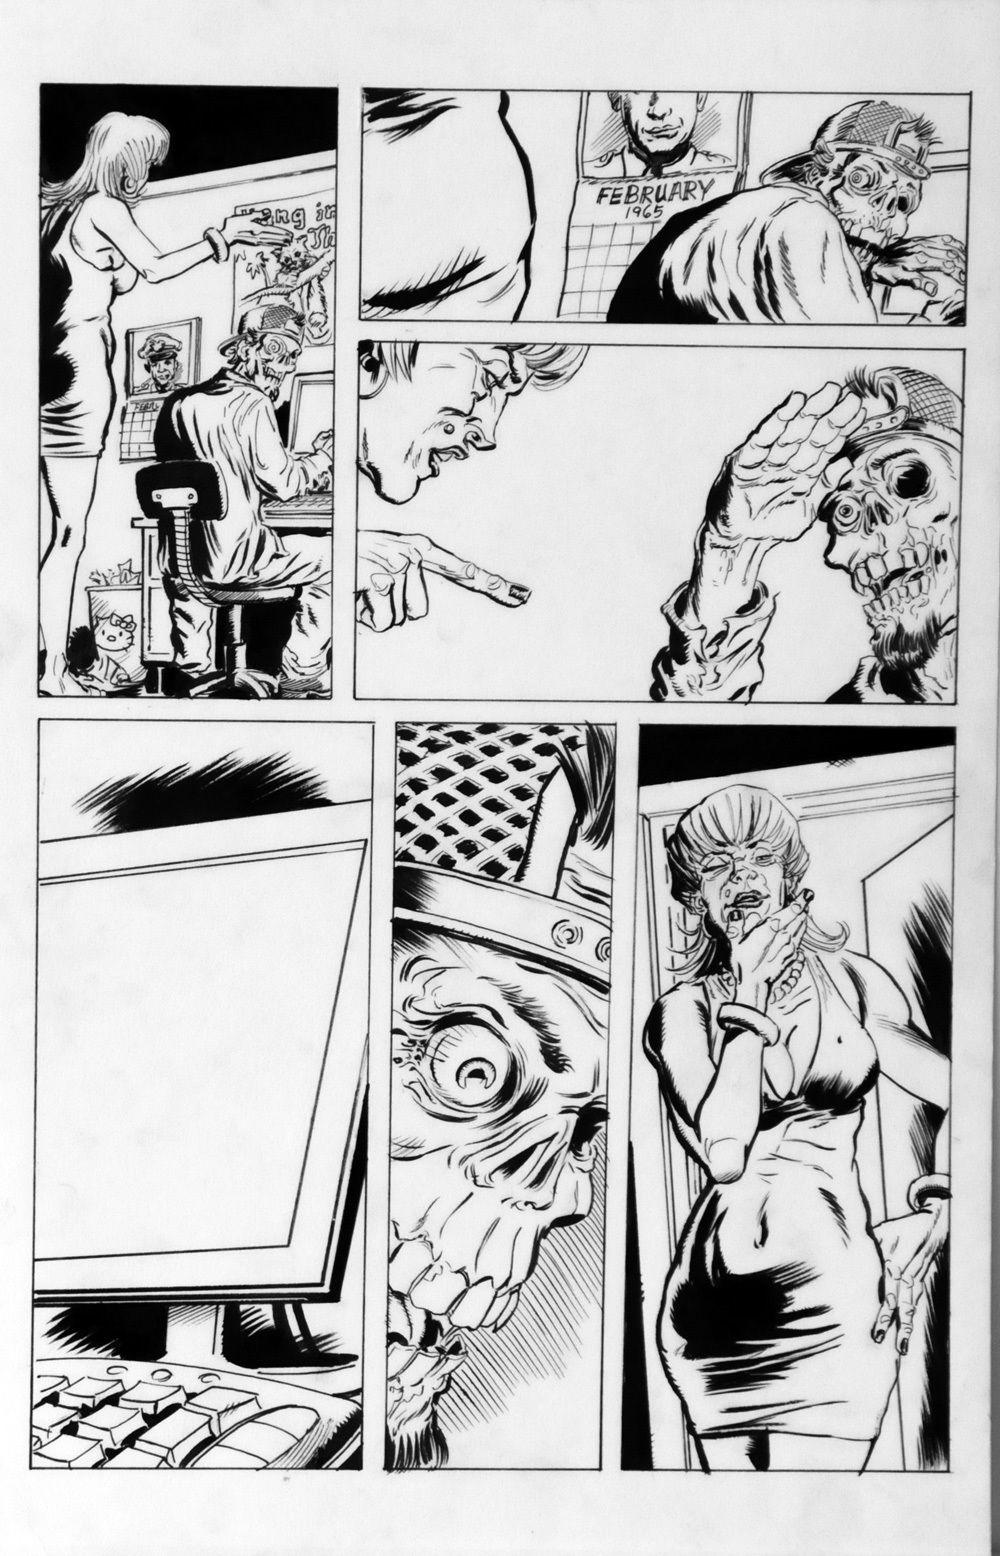 DEAN KOTZ Original Published Art, TRAILER PARK of TERROR #8 page 24, Zombies